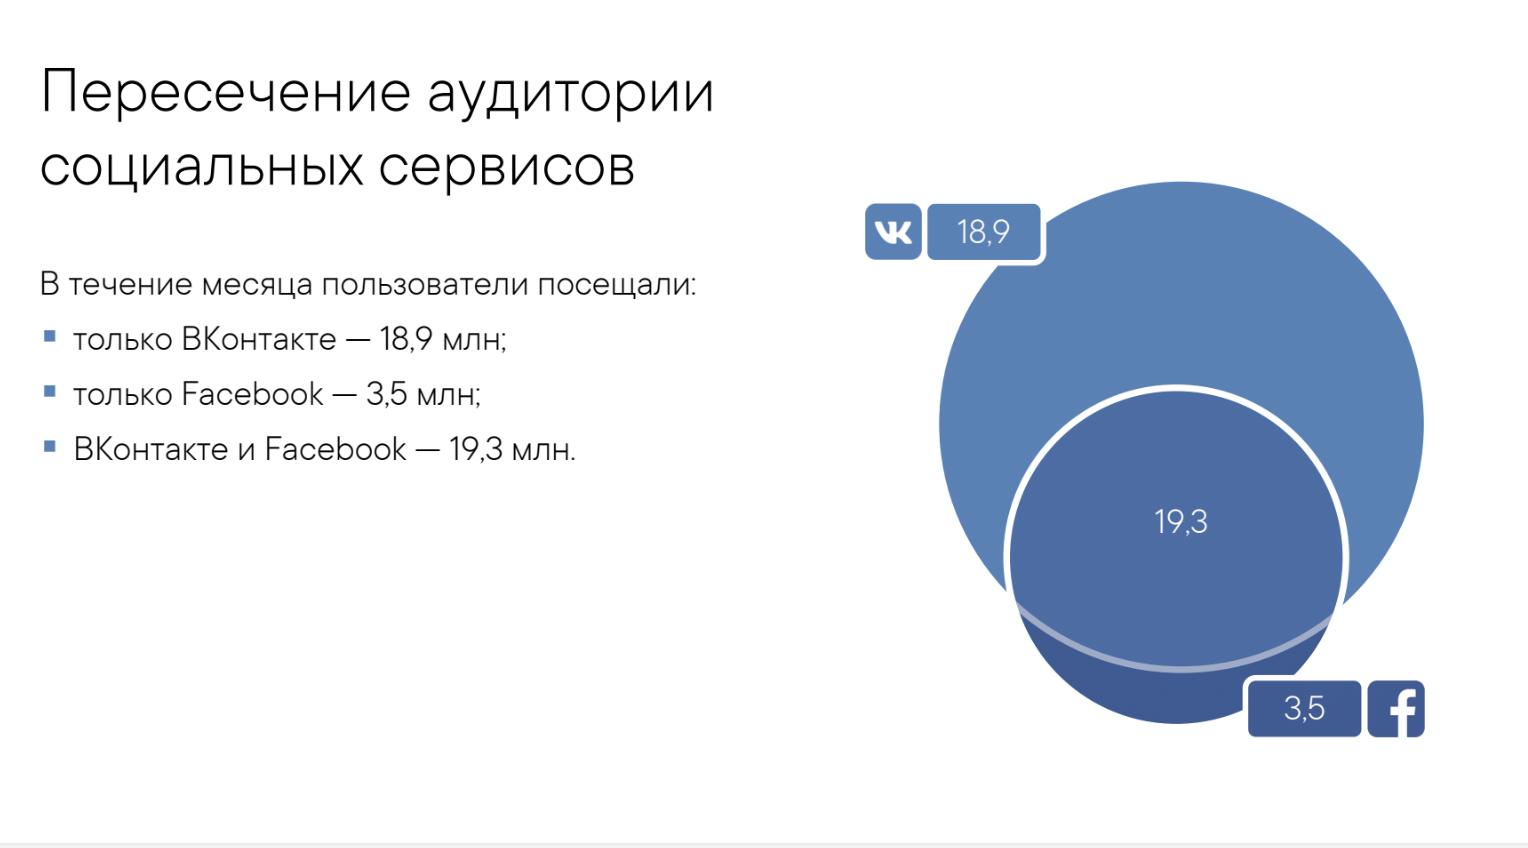 Пересечение аудитории соцсетей Вконтакте и Фейсбук